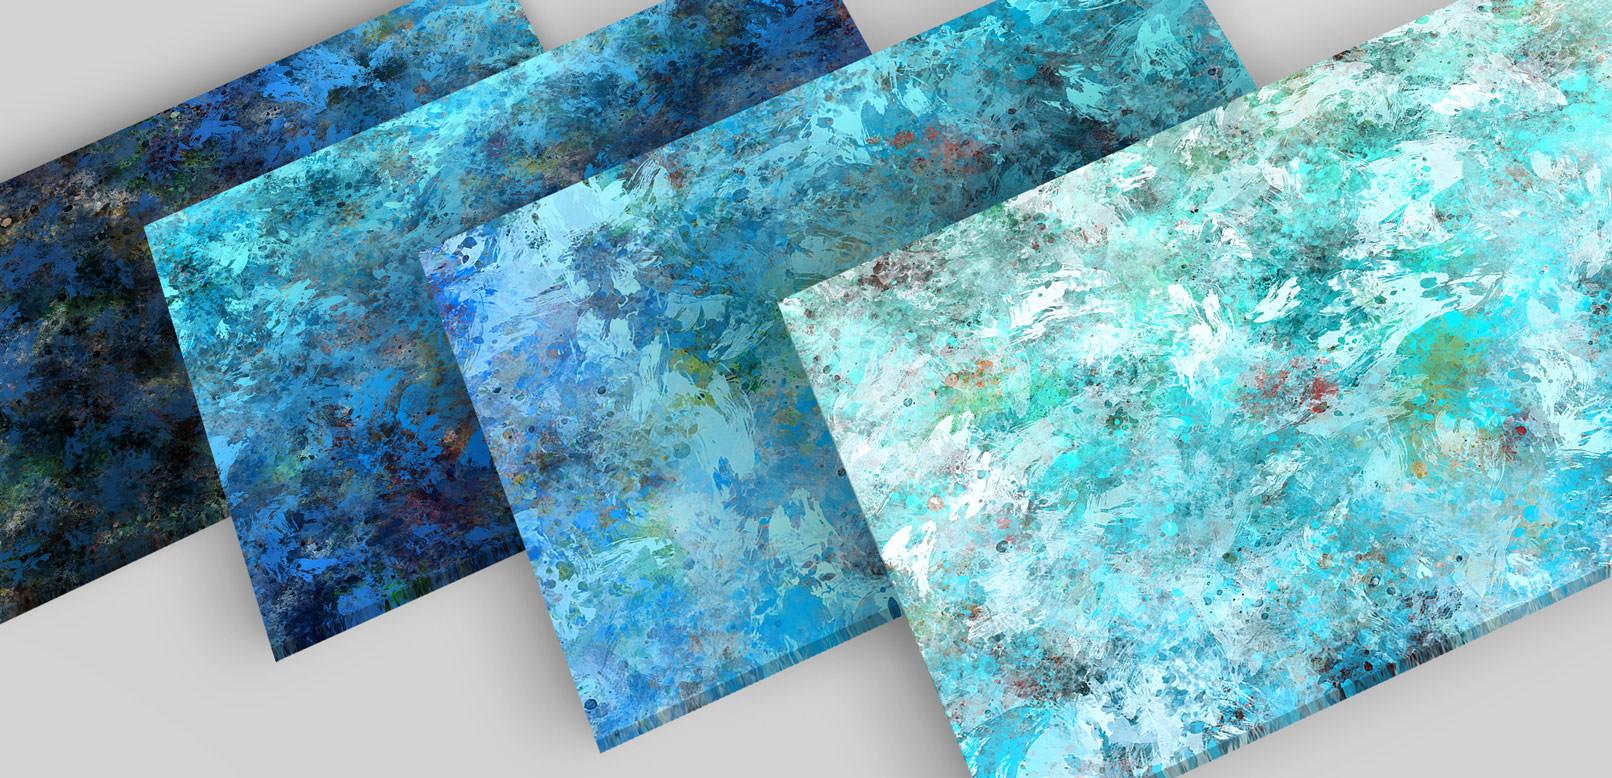 Bunte Hintergründe aus Ölfarben in Blau